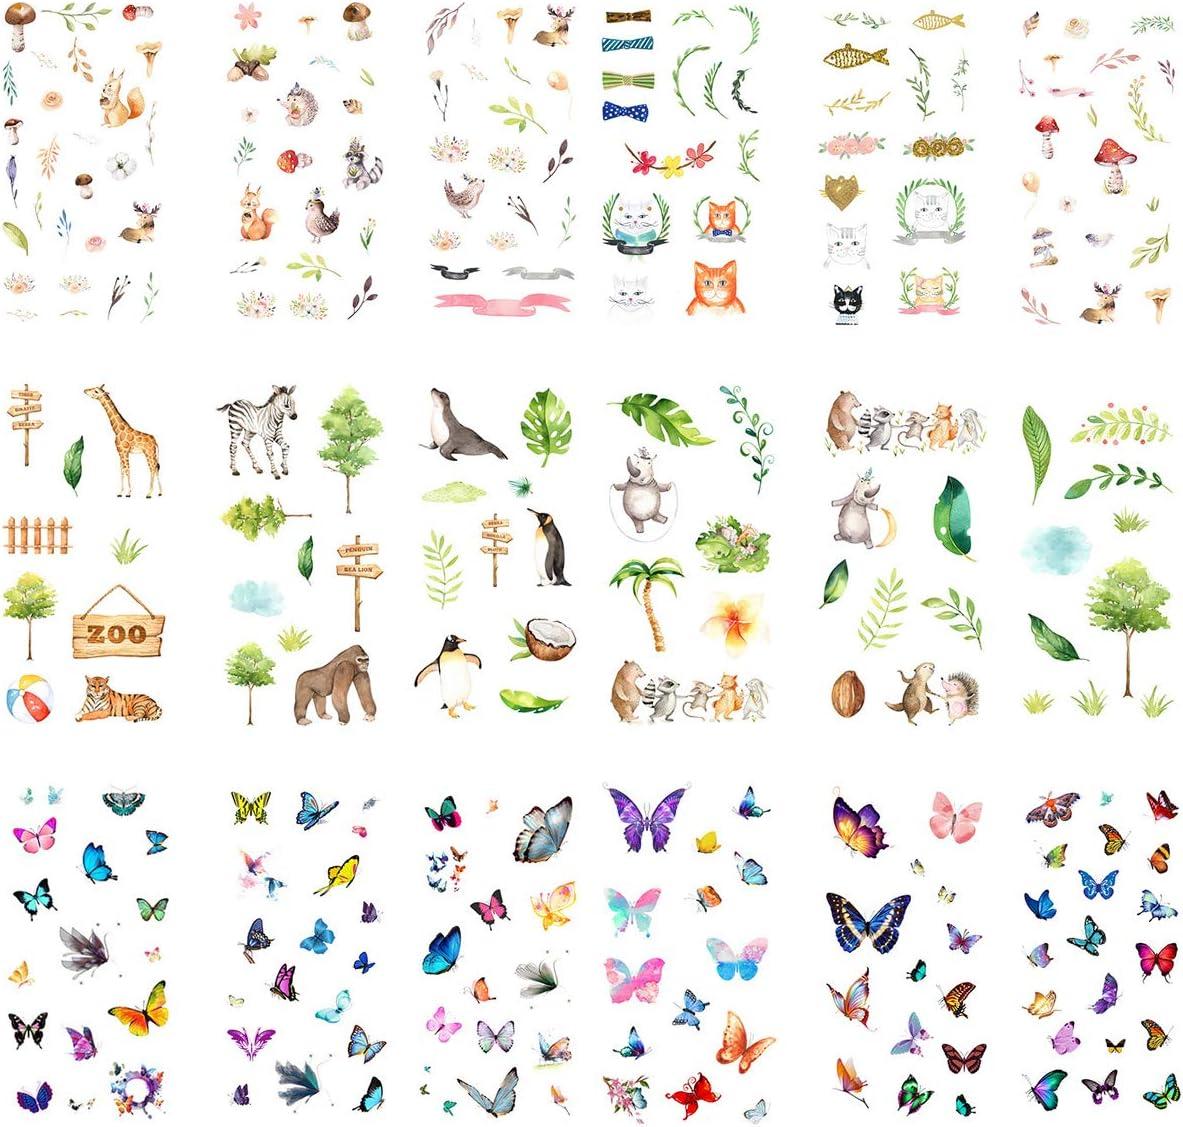 Cute Kawaii Cartoon Cat Rabbit Sticker DIY Diary Scrapbook Deco Decal Tag Crafts